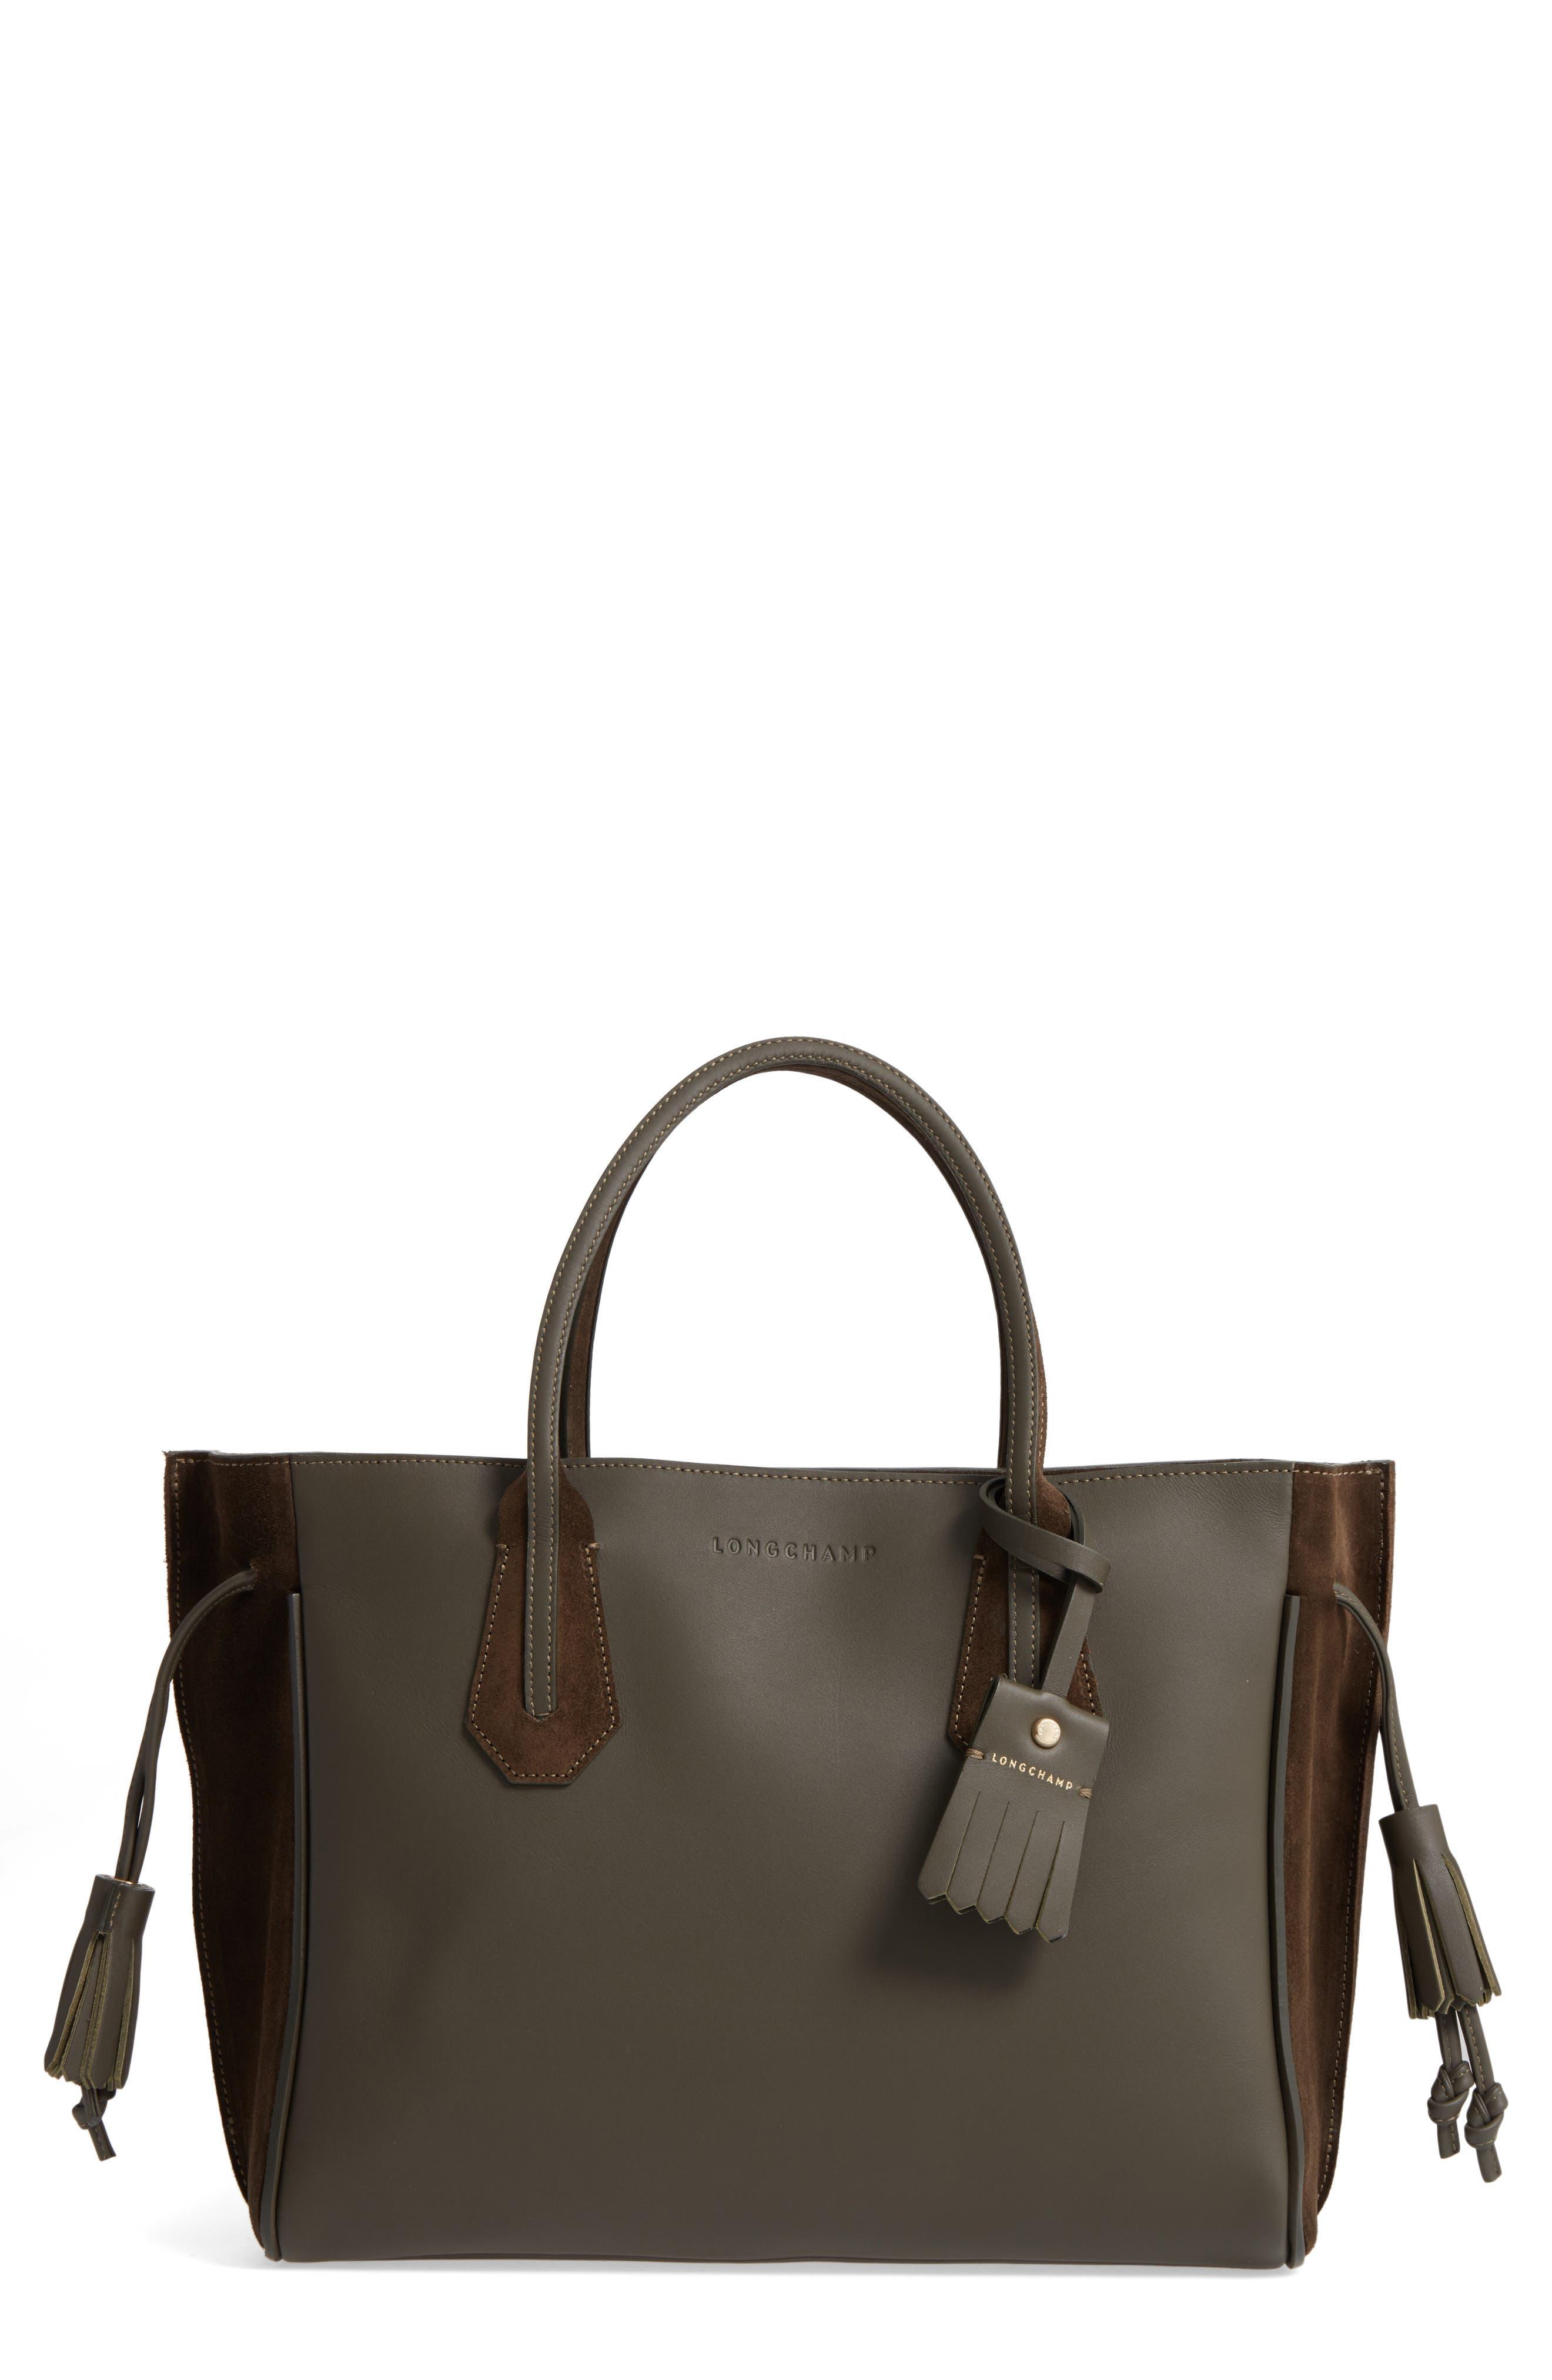 Longchamp Penelope Top Handle Tote